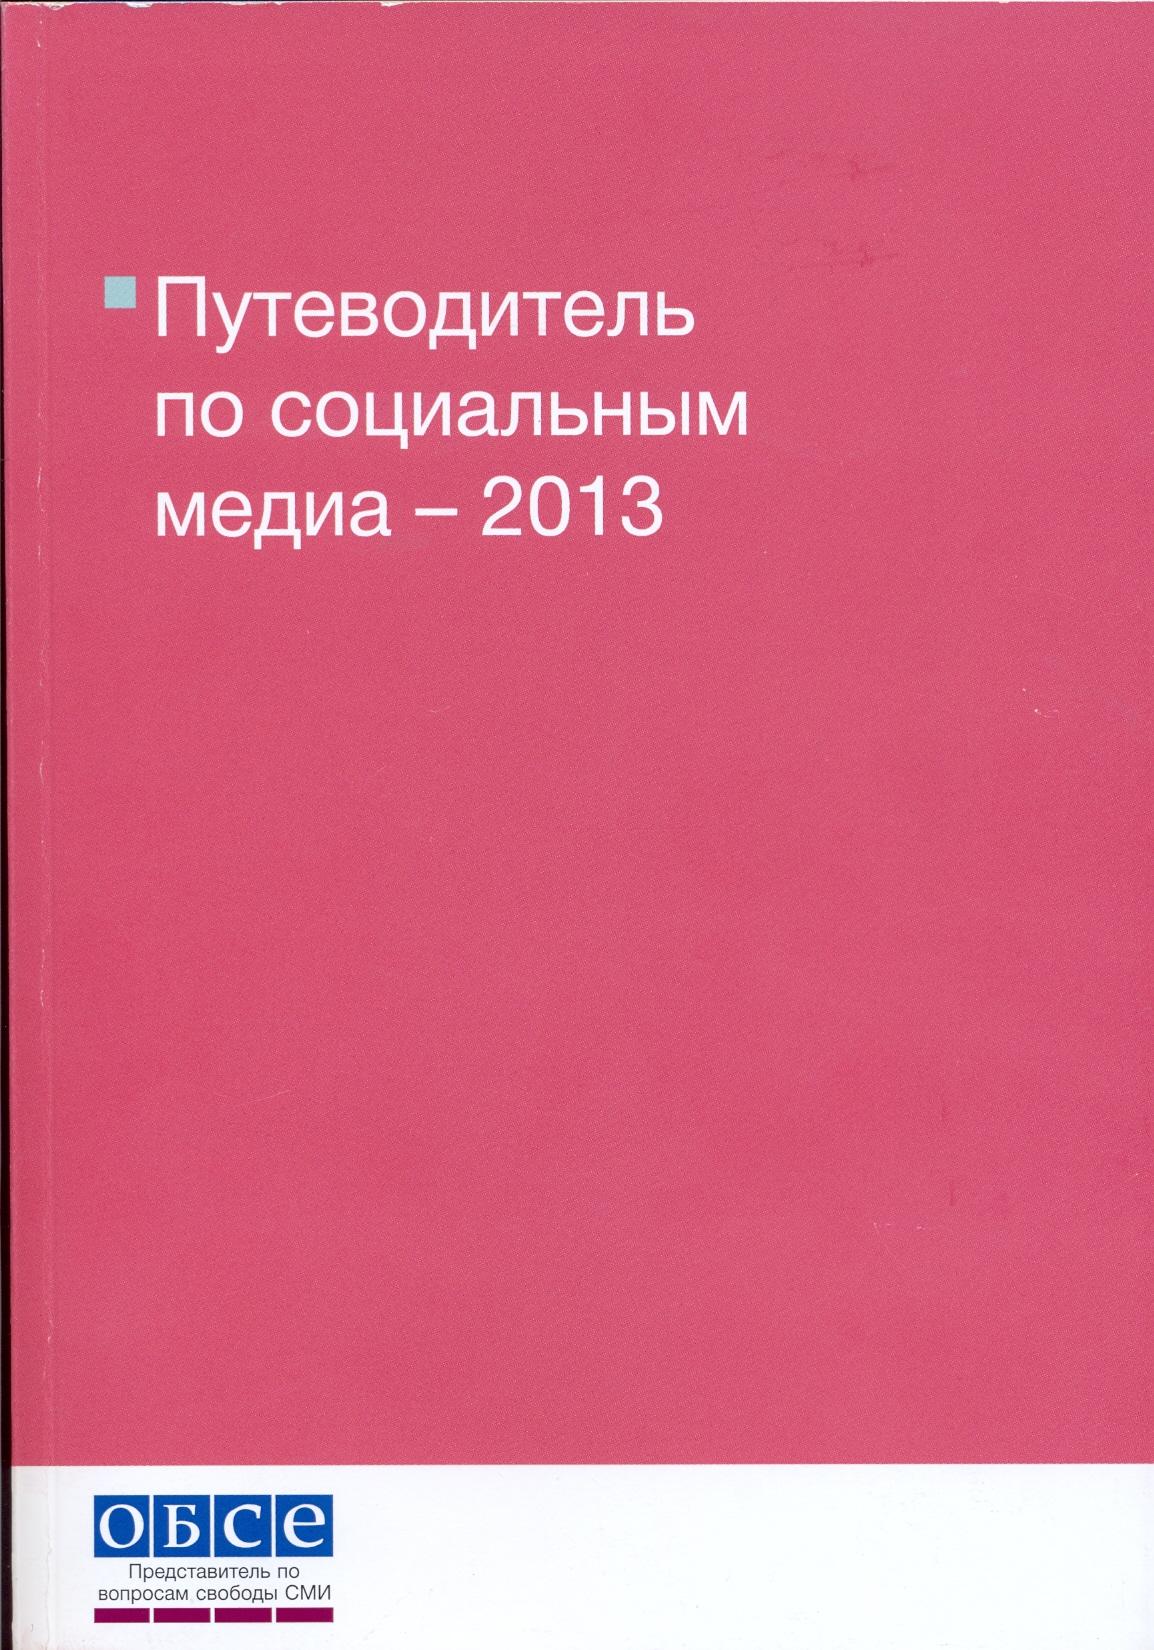 Путеводитель по социальным медиа - 2013